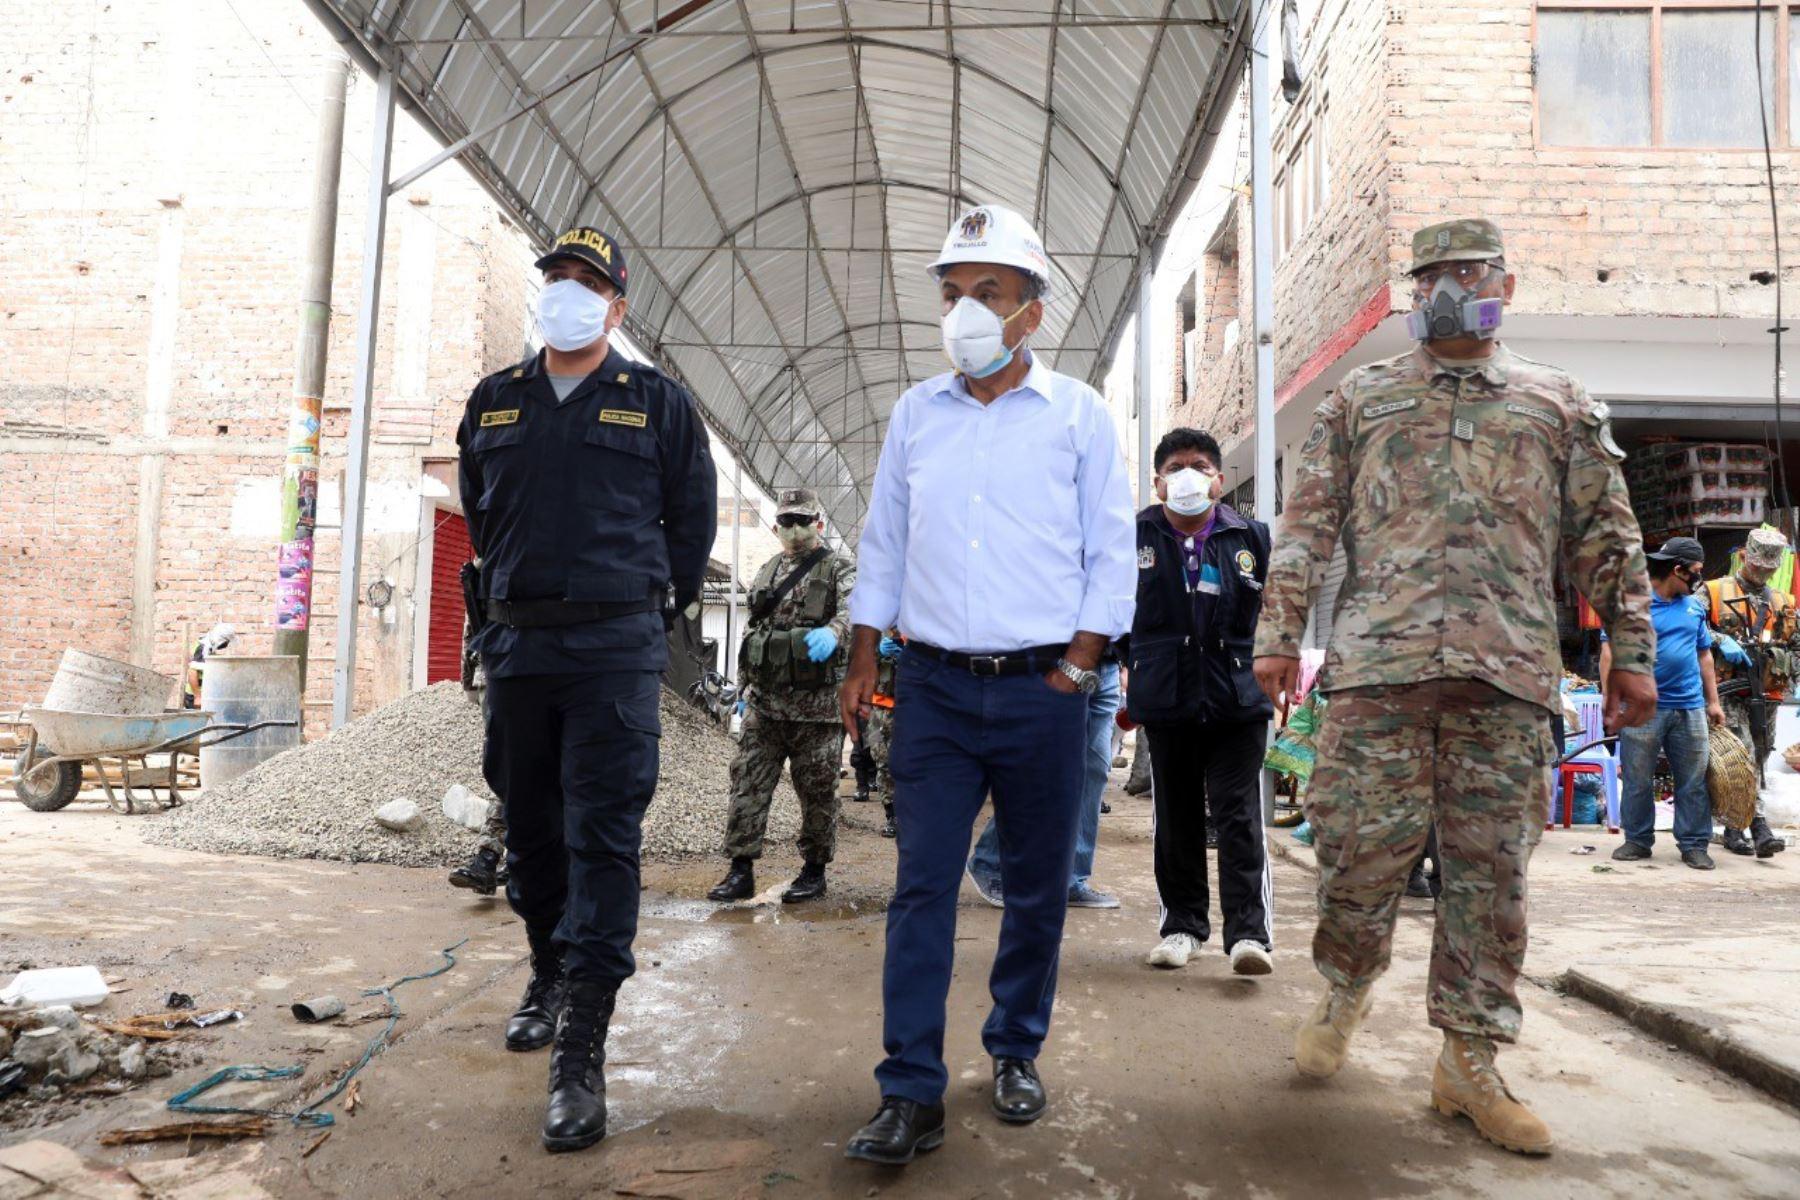 Autoridades de La Libertad inspeccionan el mercado La Hermelida, cerrado por ser foco de contagio de covid-19.